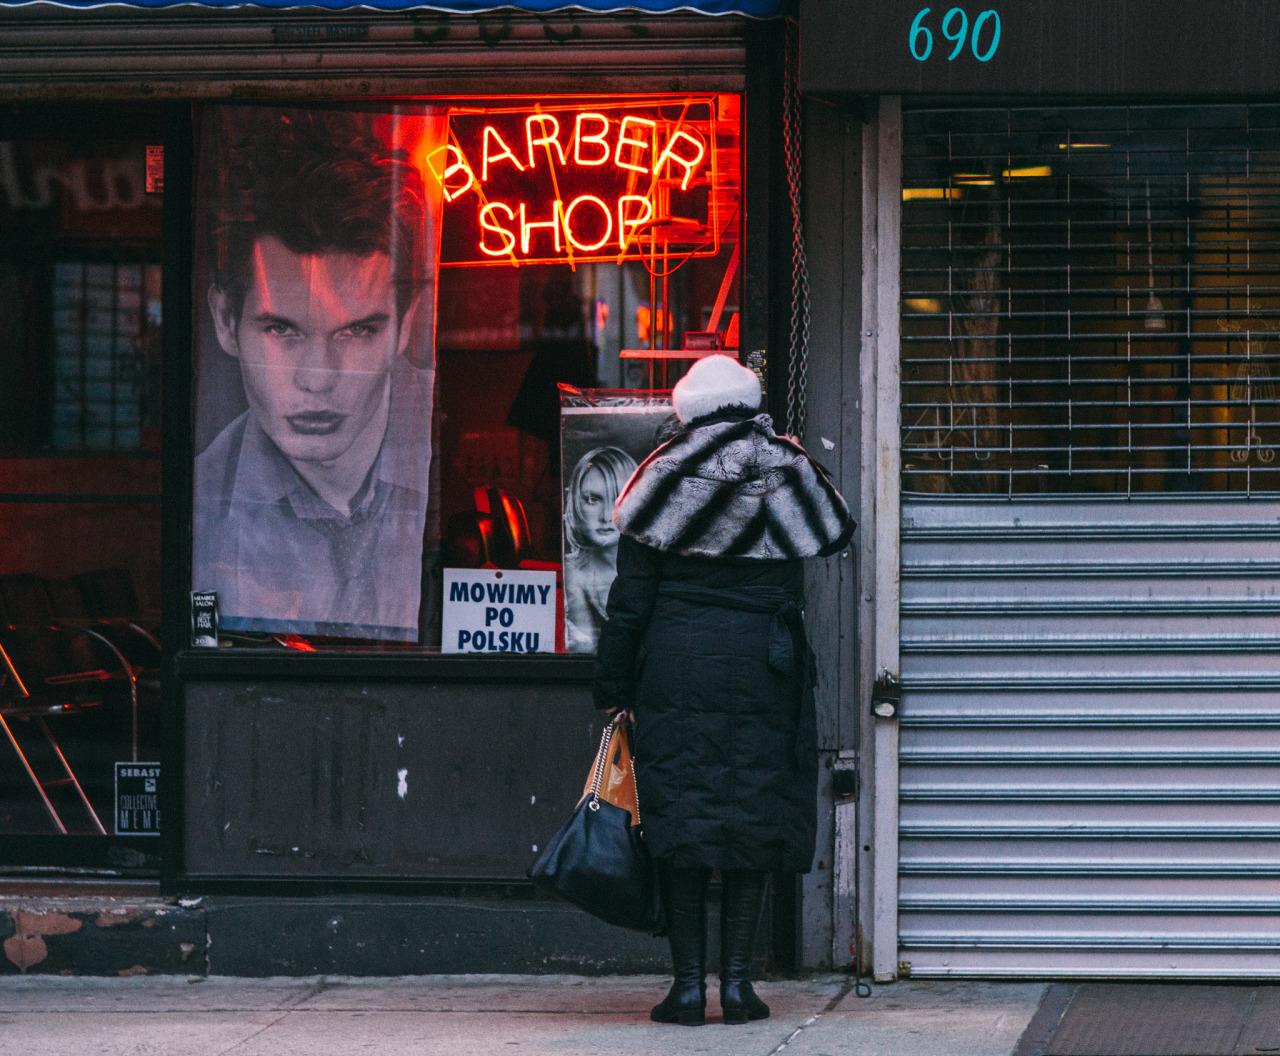 91. Barber Shop